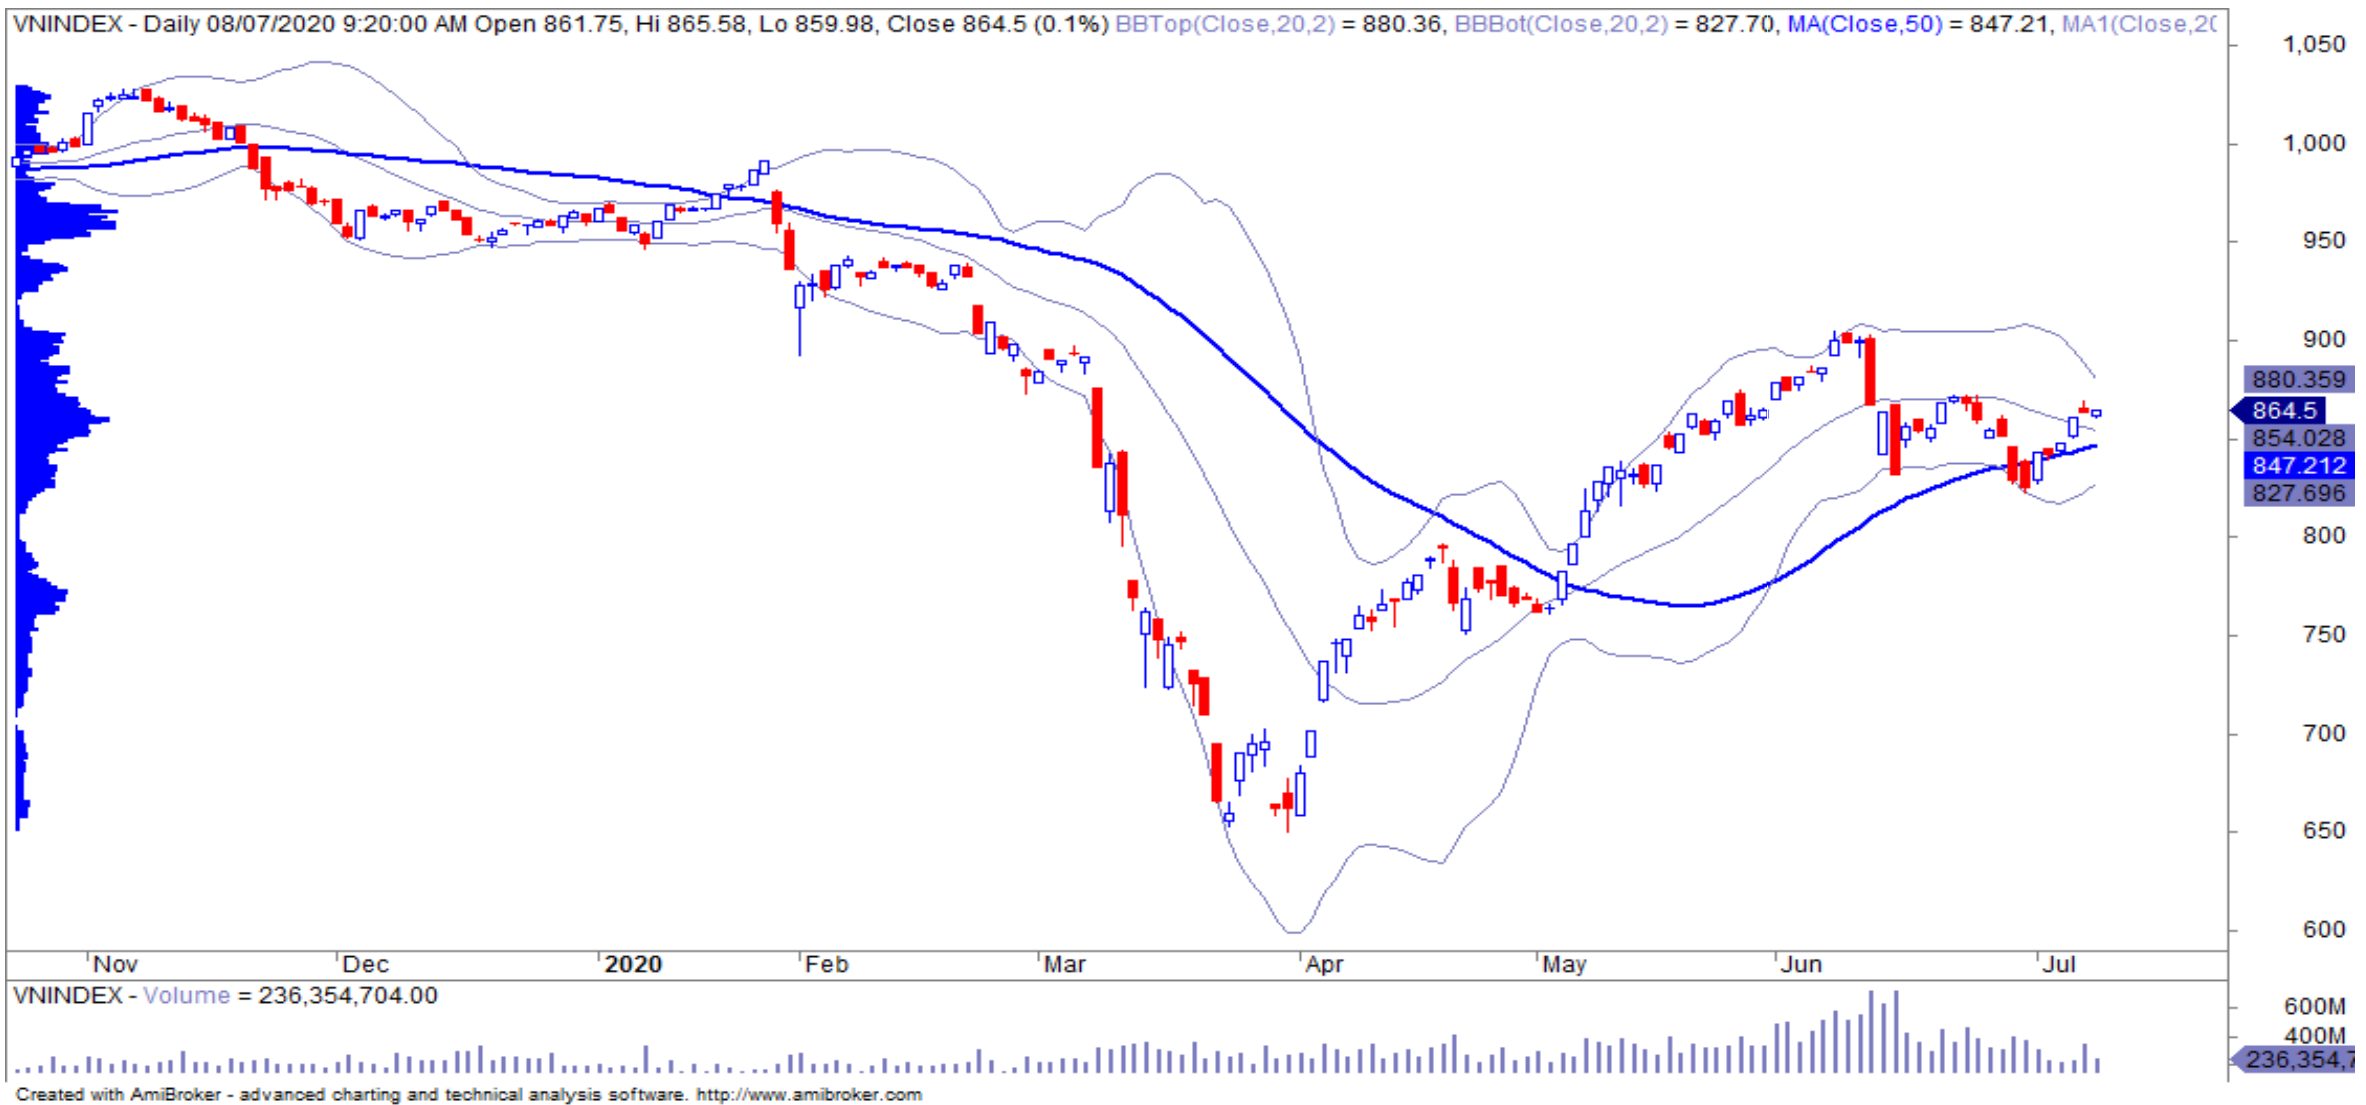 Nhận định thị trường chứng khoán ngày 9/7: Duy trì đà tăng ngắn hạn tới vùng 883 điểm - Ảnh 1.